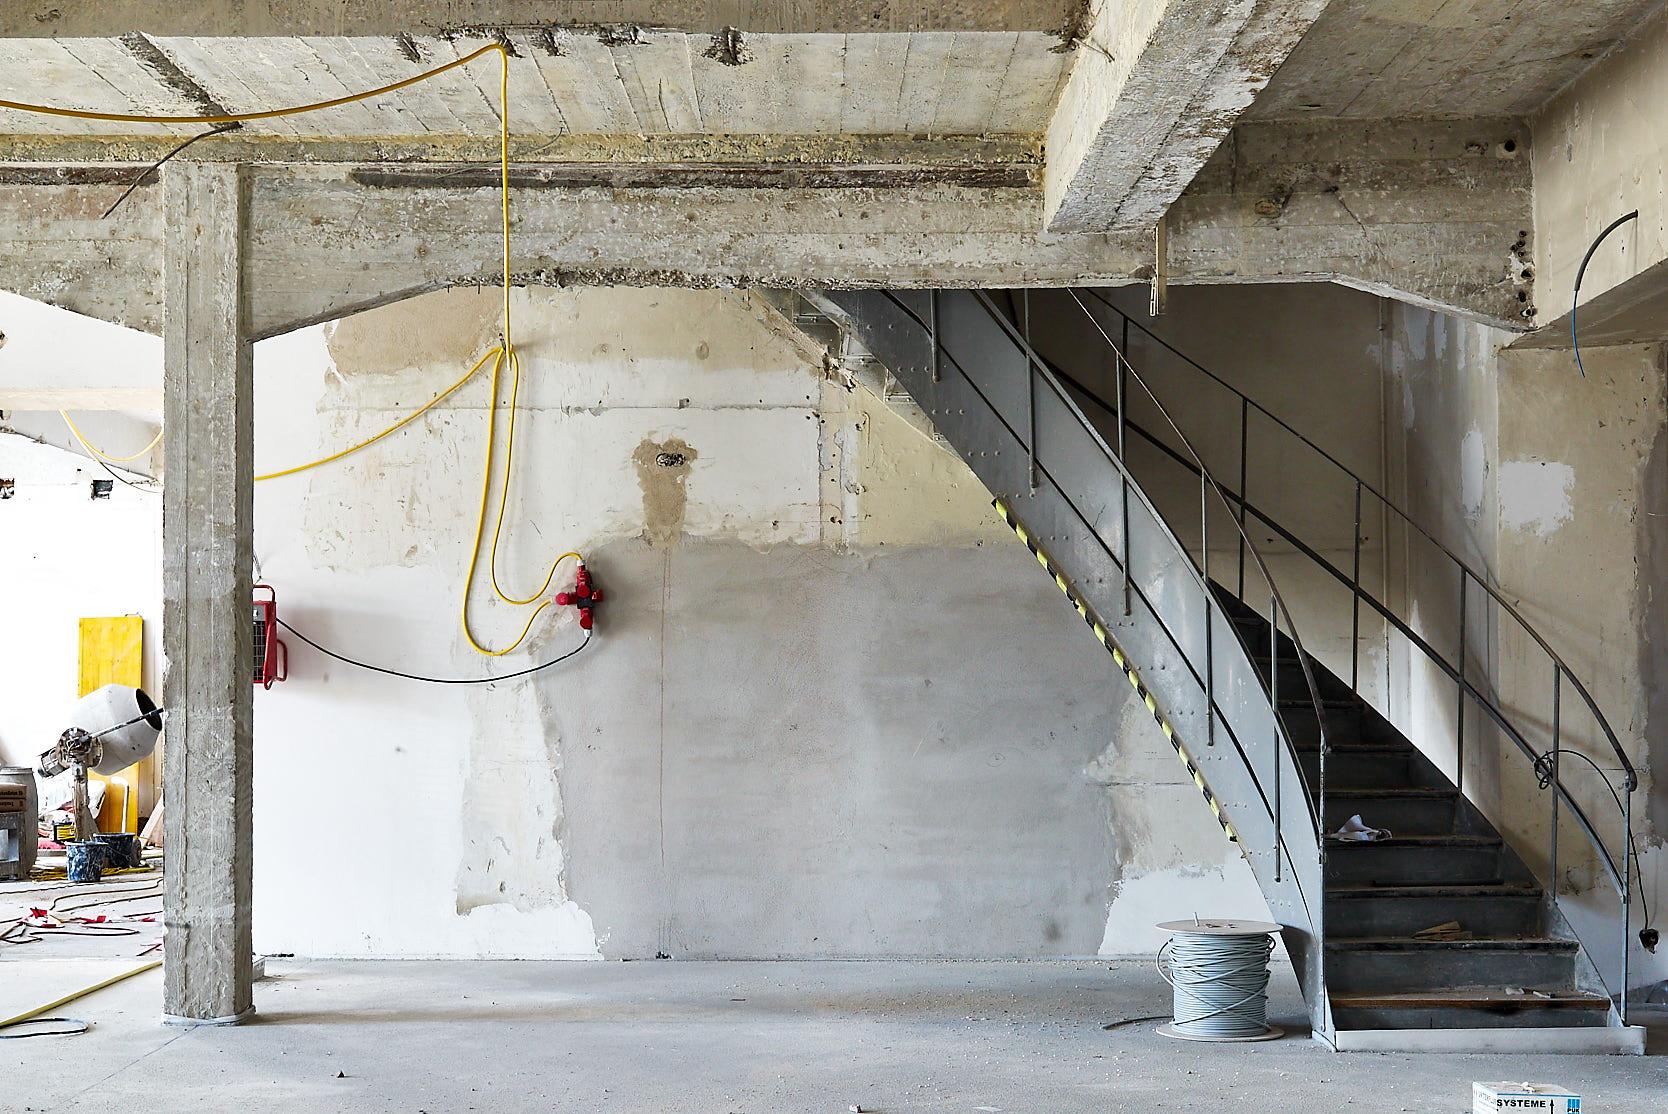 Saalgebäude Augarten: Construction